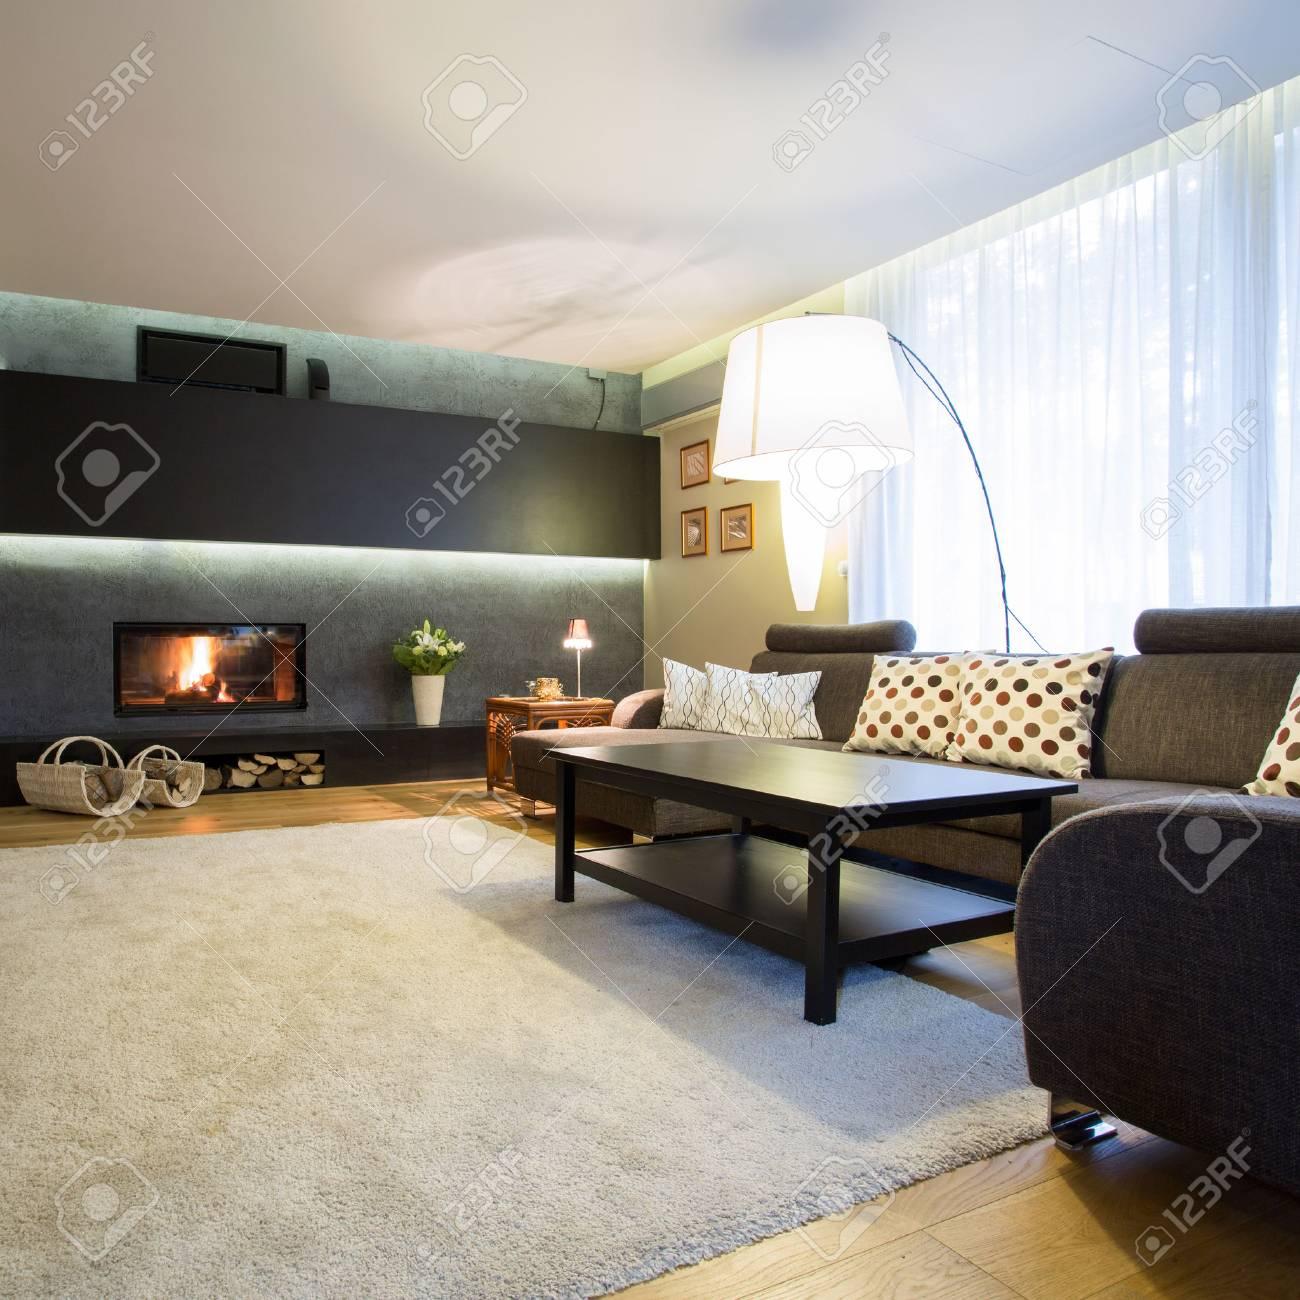 Große Familienzimmer Mit Weißen Weichen Teppich Auf Holzboden ...